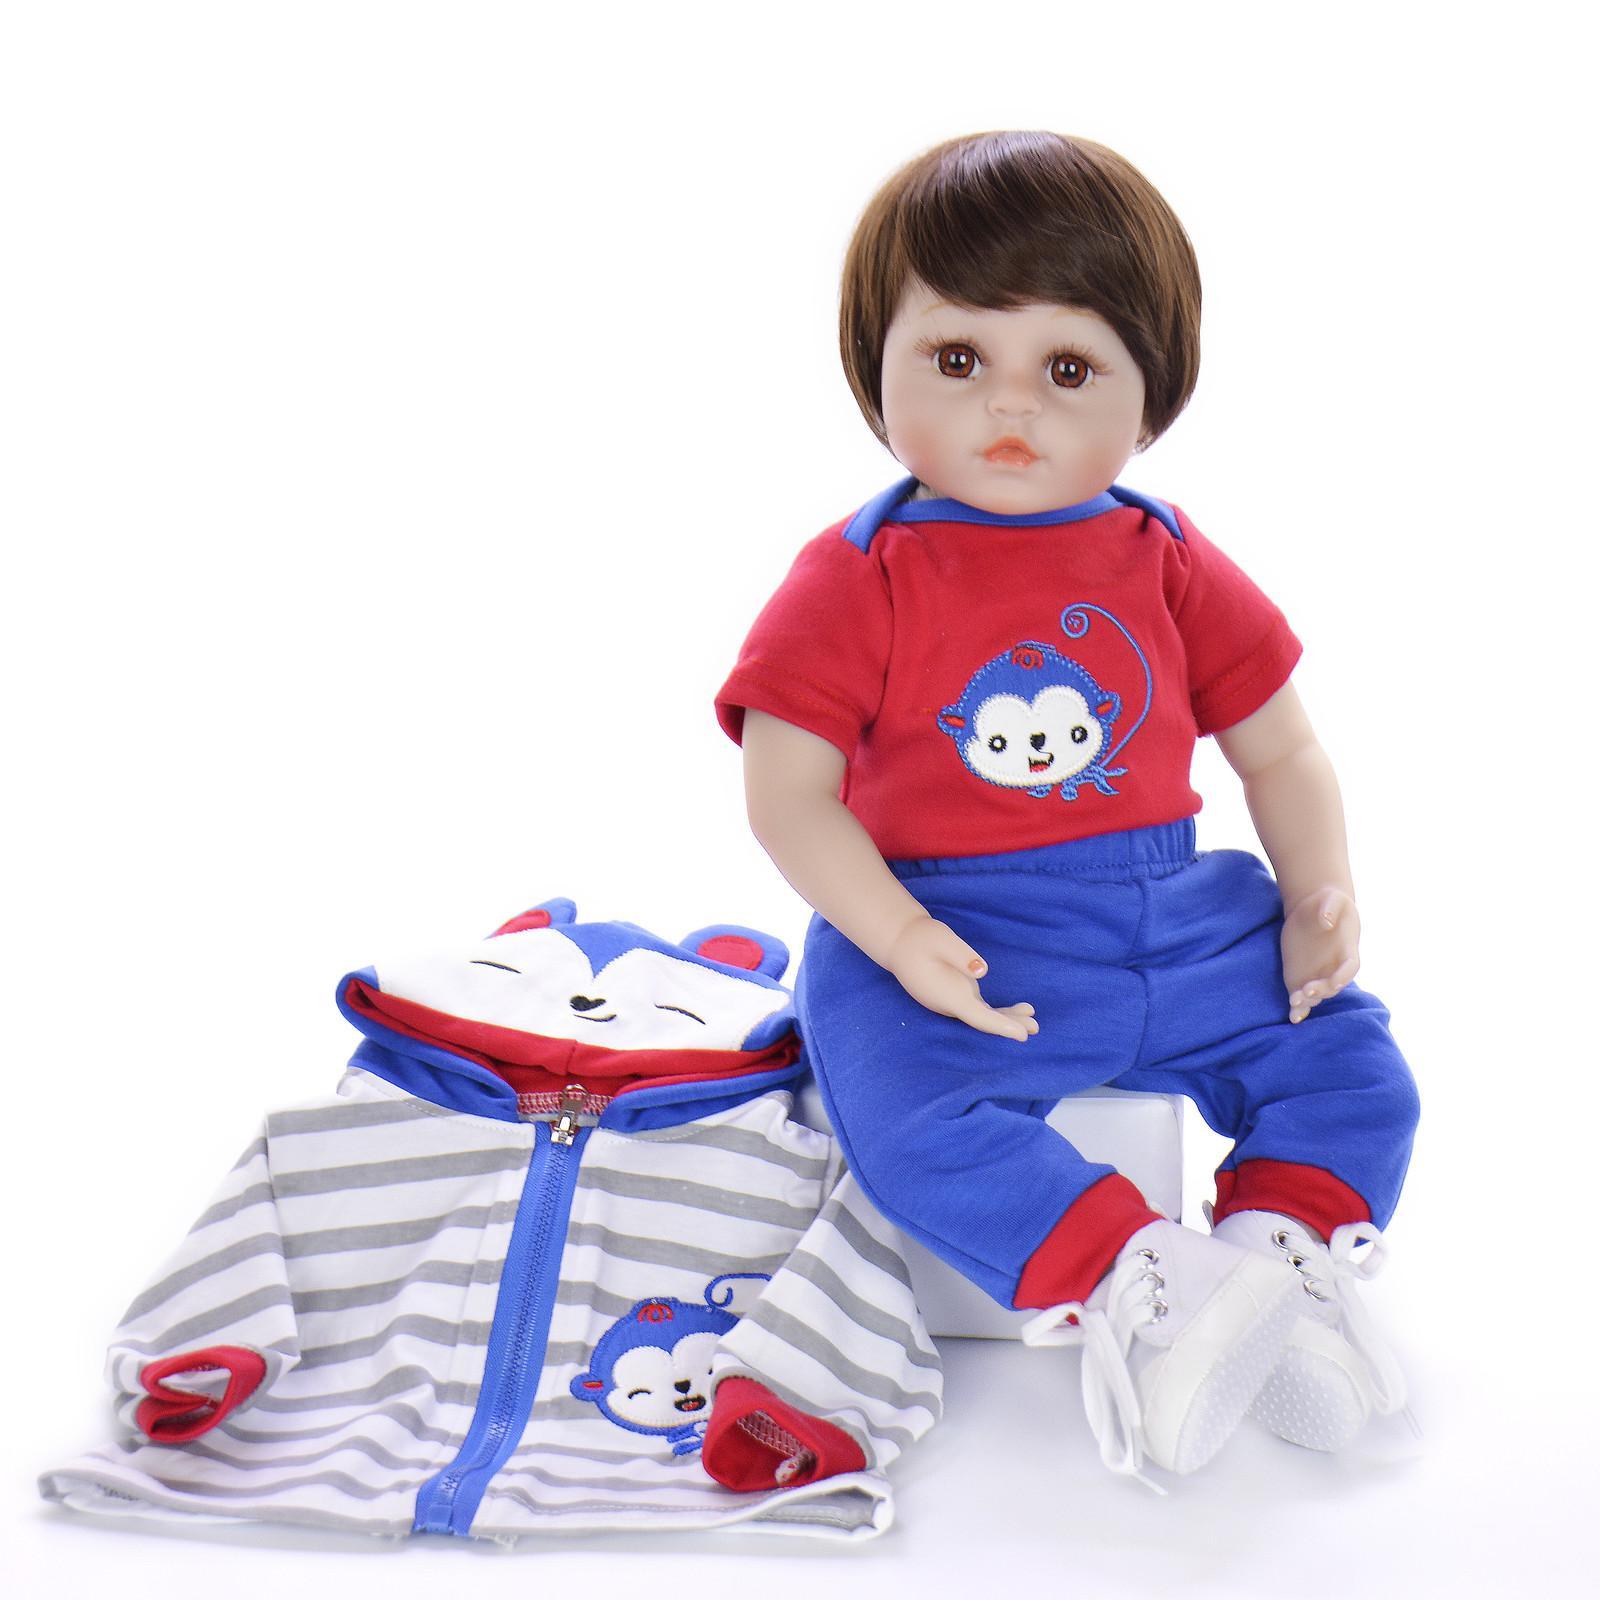 Keiumi Simulación de silicona Reborn Muñecas tan verdaderamente como Newborn Babies Doll para Boy o Girl Kid Cumpleaños Regalos Soft Vinyl Play Toy Q1124